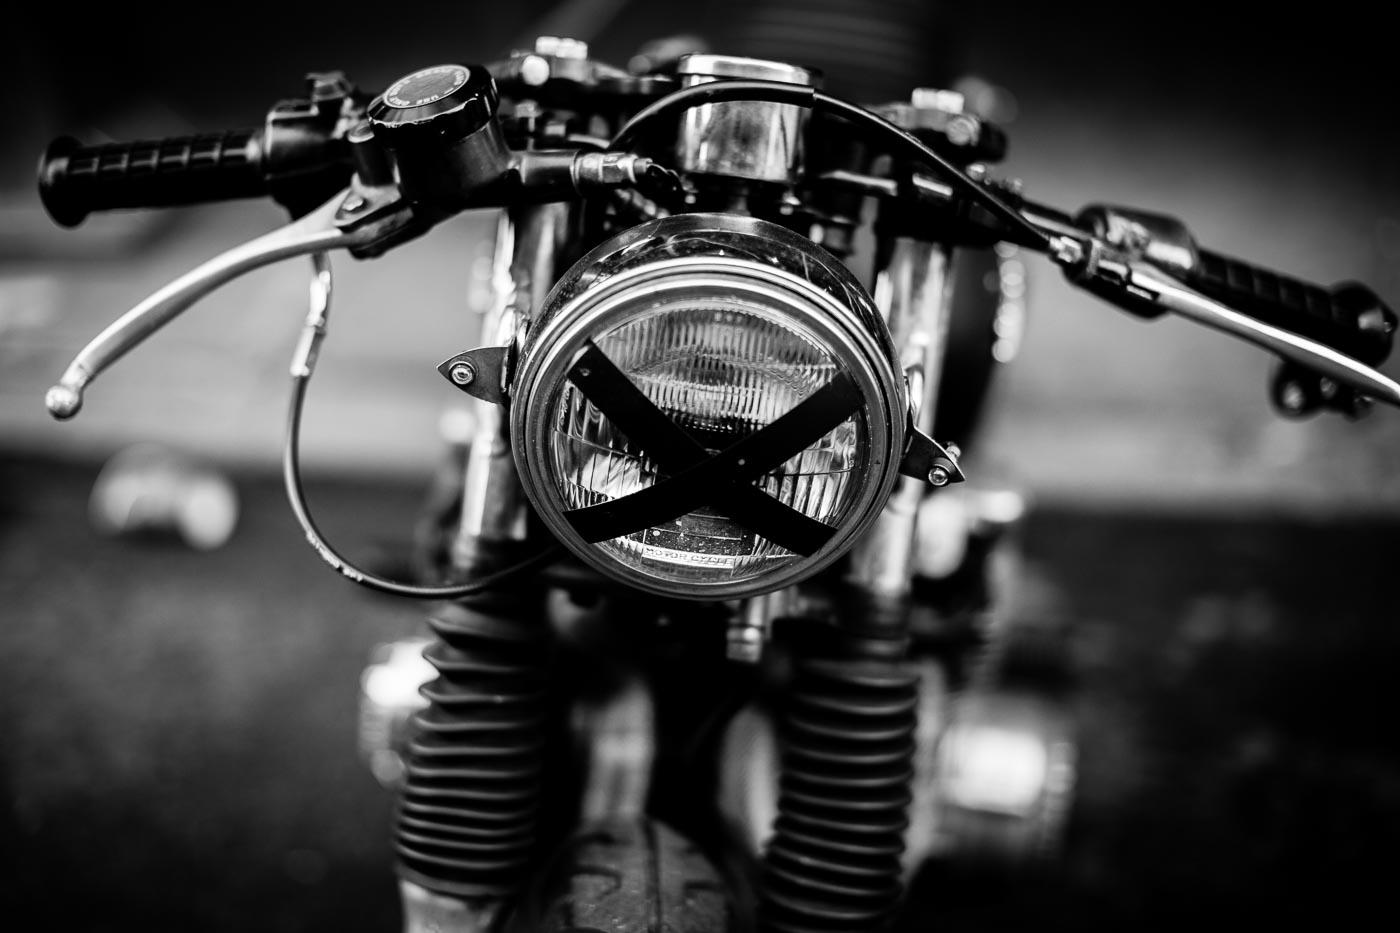 WilkieVintage_Motorcycle_Projects @ Alan Thomas Duncan Wilkie-35.jpg